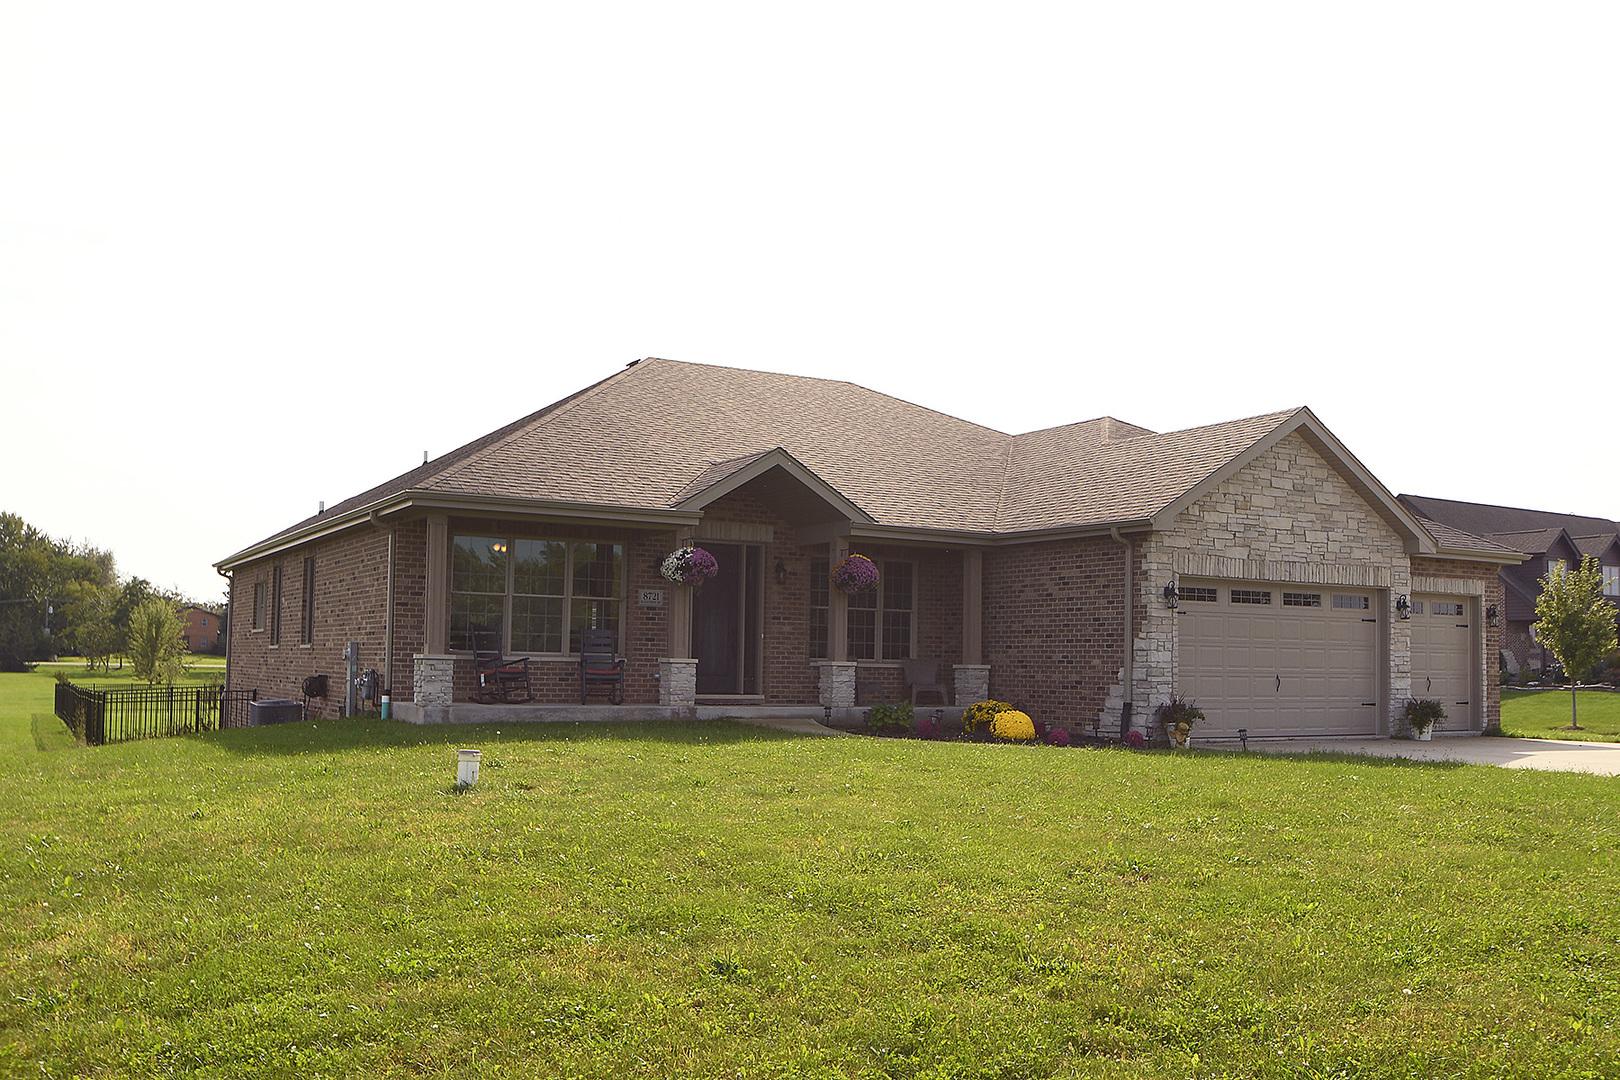 8721 West BLACKTHORNE Way, Frankfort, Illinois